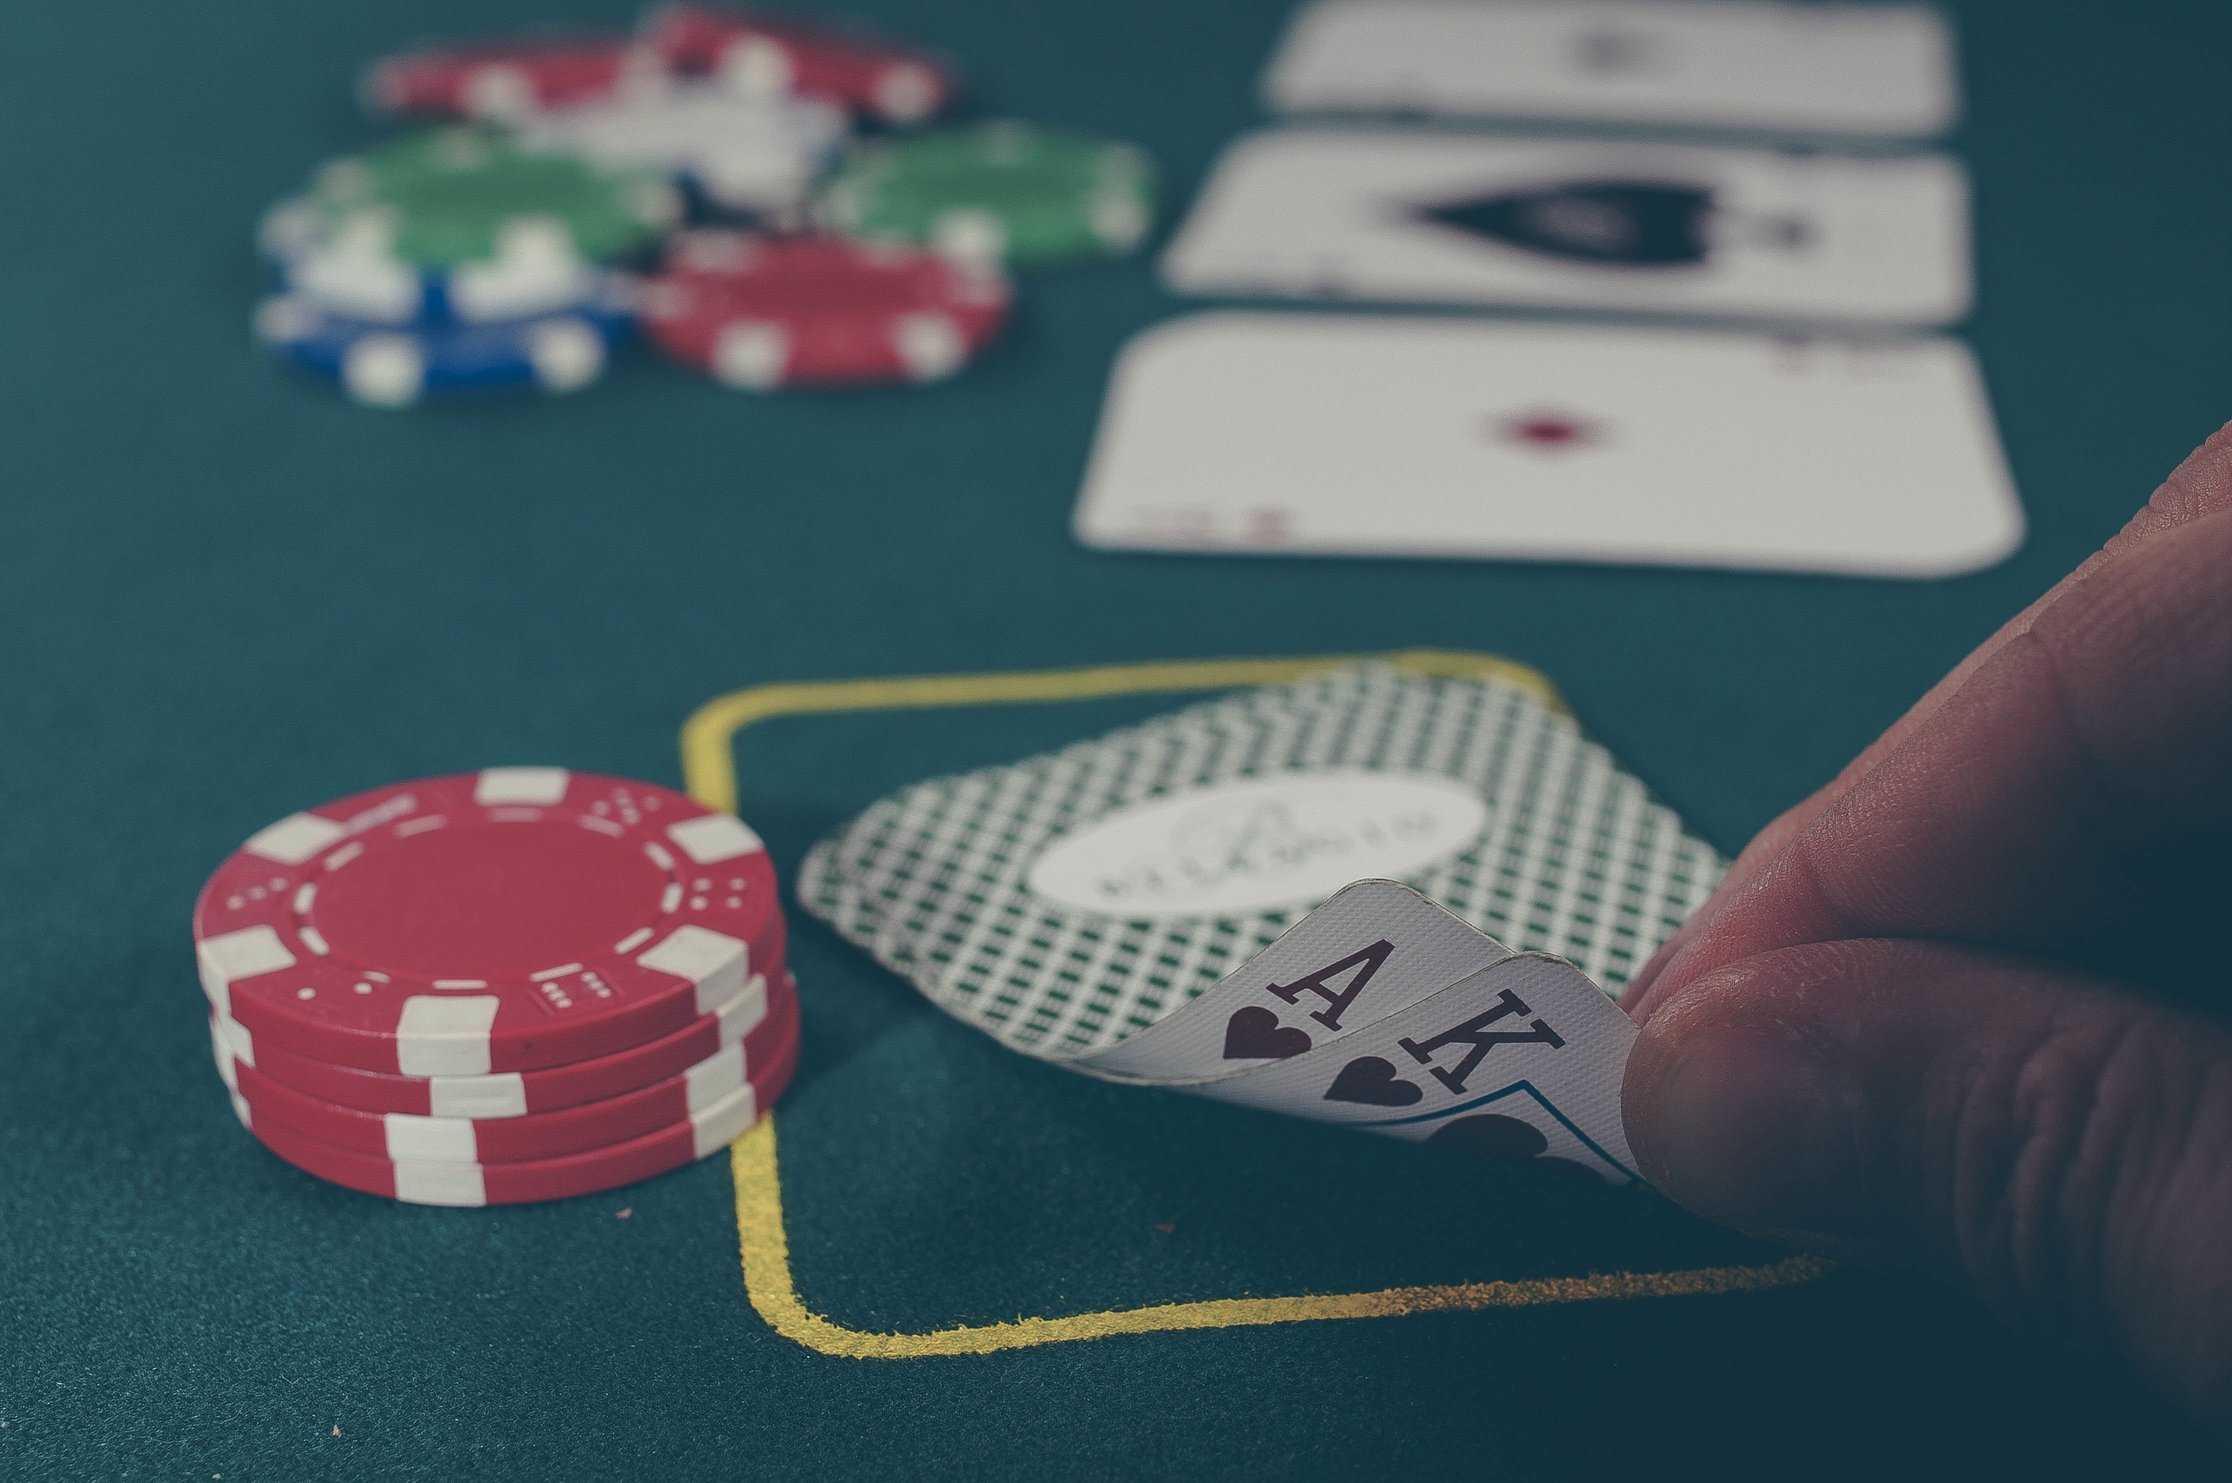 Xilera gambling